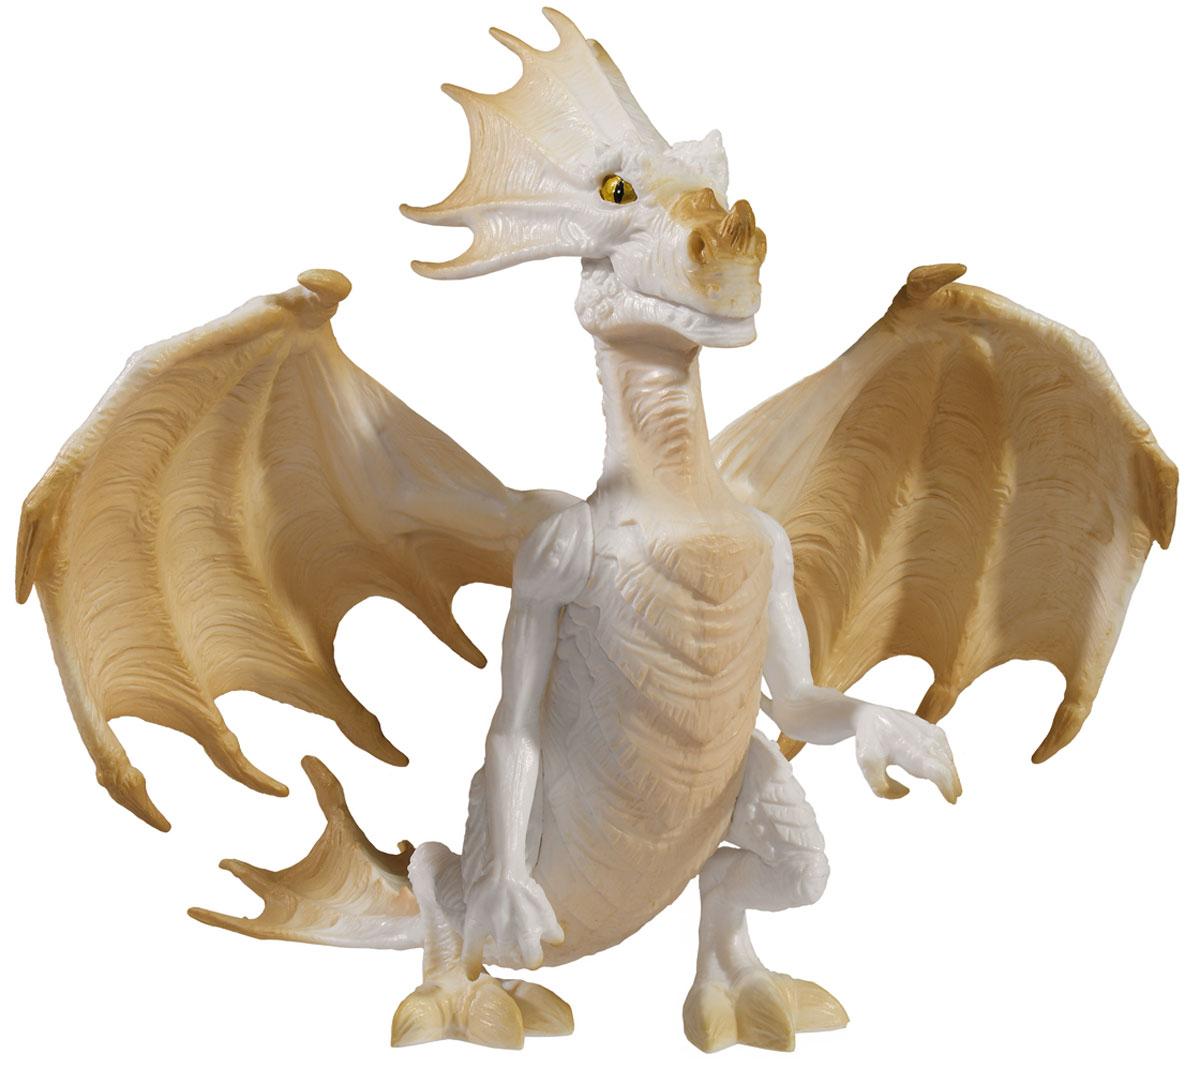 Simba Фигурка Дракон4414469Фигурка сказочного дракона из страны Magic Fairies не оставит равнодушной ни одного ребенка. Дракон белого и светло-бежевого оттенка, с грозно поднятыми крыльями. Но, если приглядеться, можно заметить у дракончика добродушную улыбку. С такой фигуркой ваш ребенок разнообразит любые игры с куклами, фигурками, или игровыми наборами. Порадуйте свою малышку таким замечательным подарком!